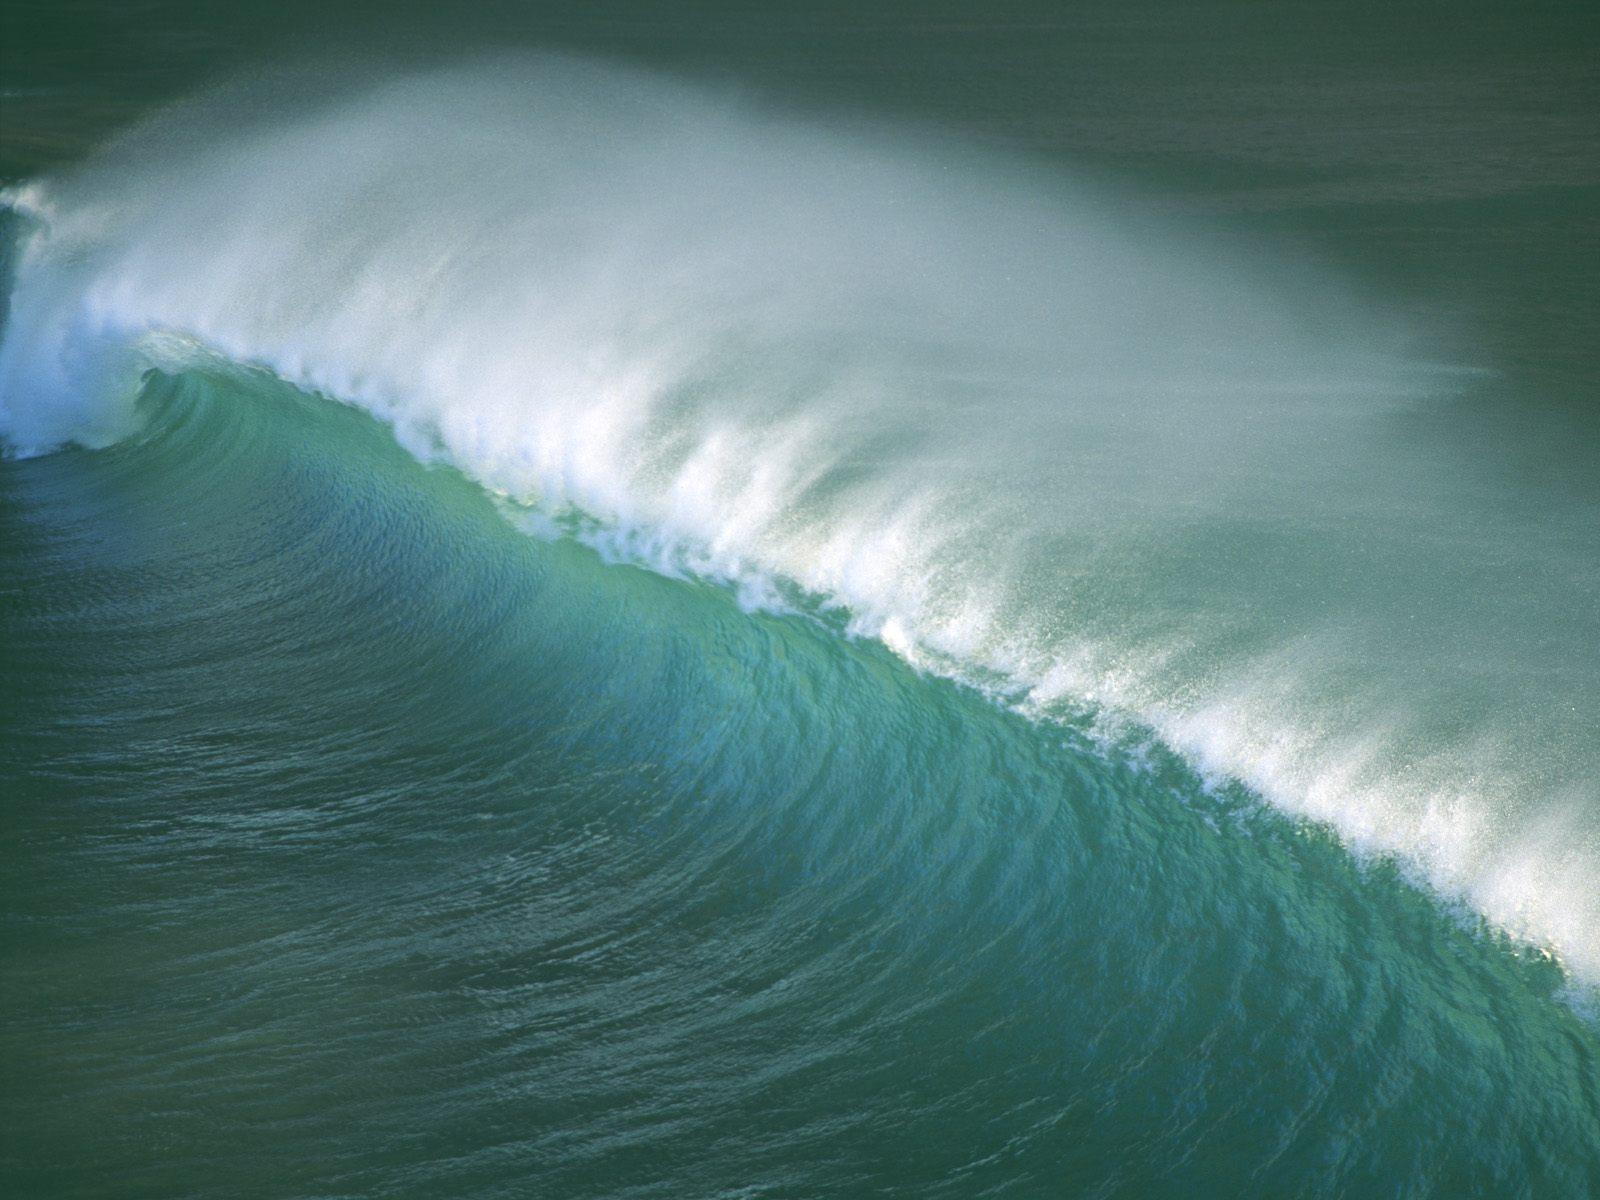 El mar azul.....la mar...sus olas Las%2Bolas%2Bdel%2Bmar%2Bby%2Bwww.JoseLuisAvilaHerrera.BLOGSPOT.com%2B-20